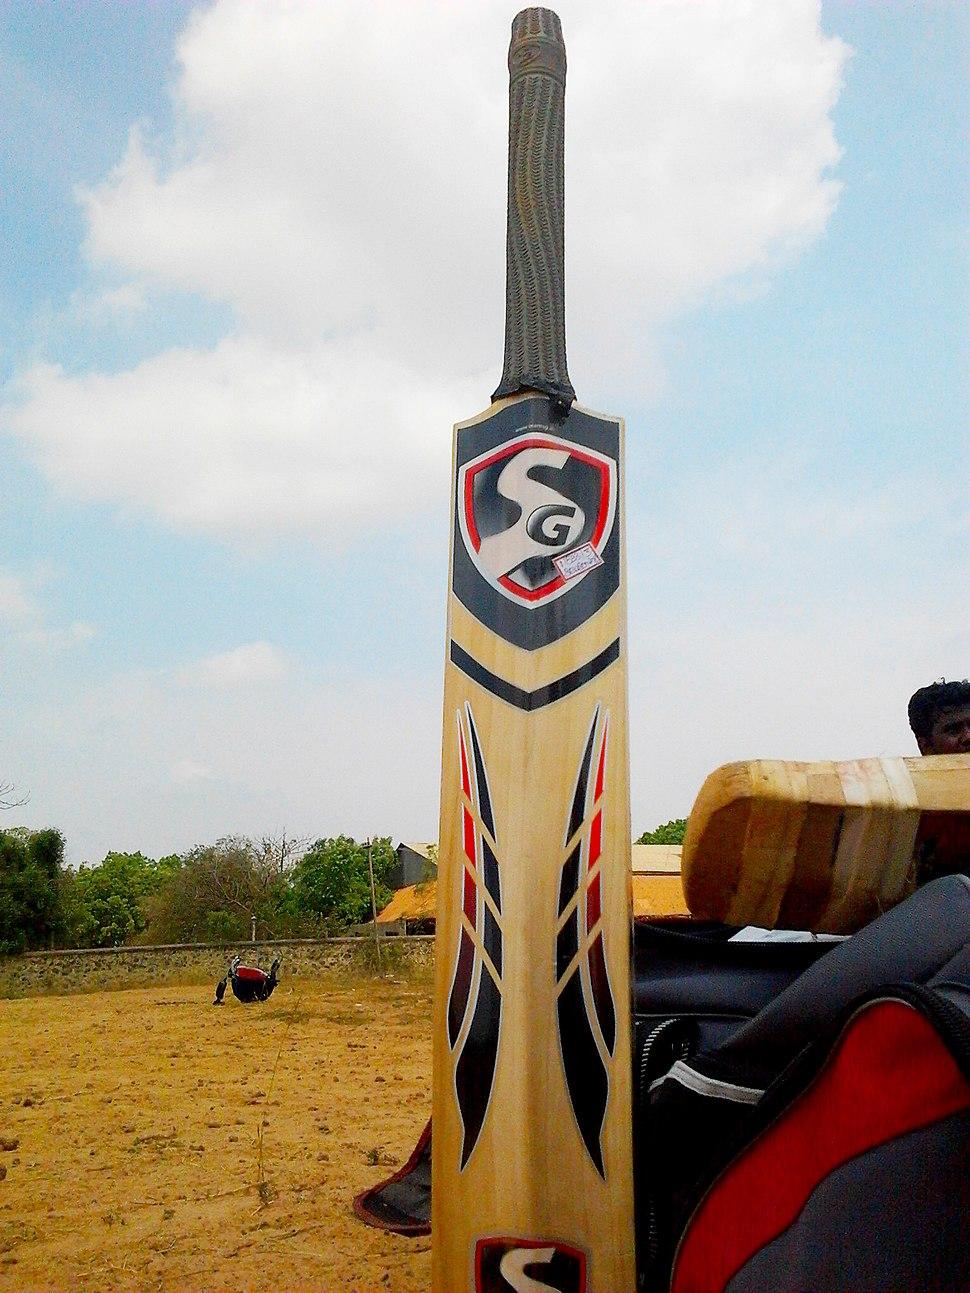 A modern Cricket bat (back view)